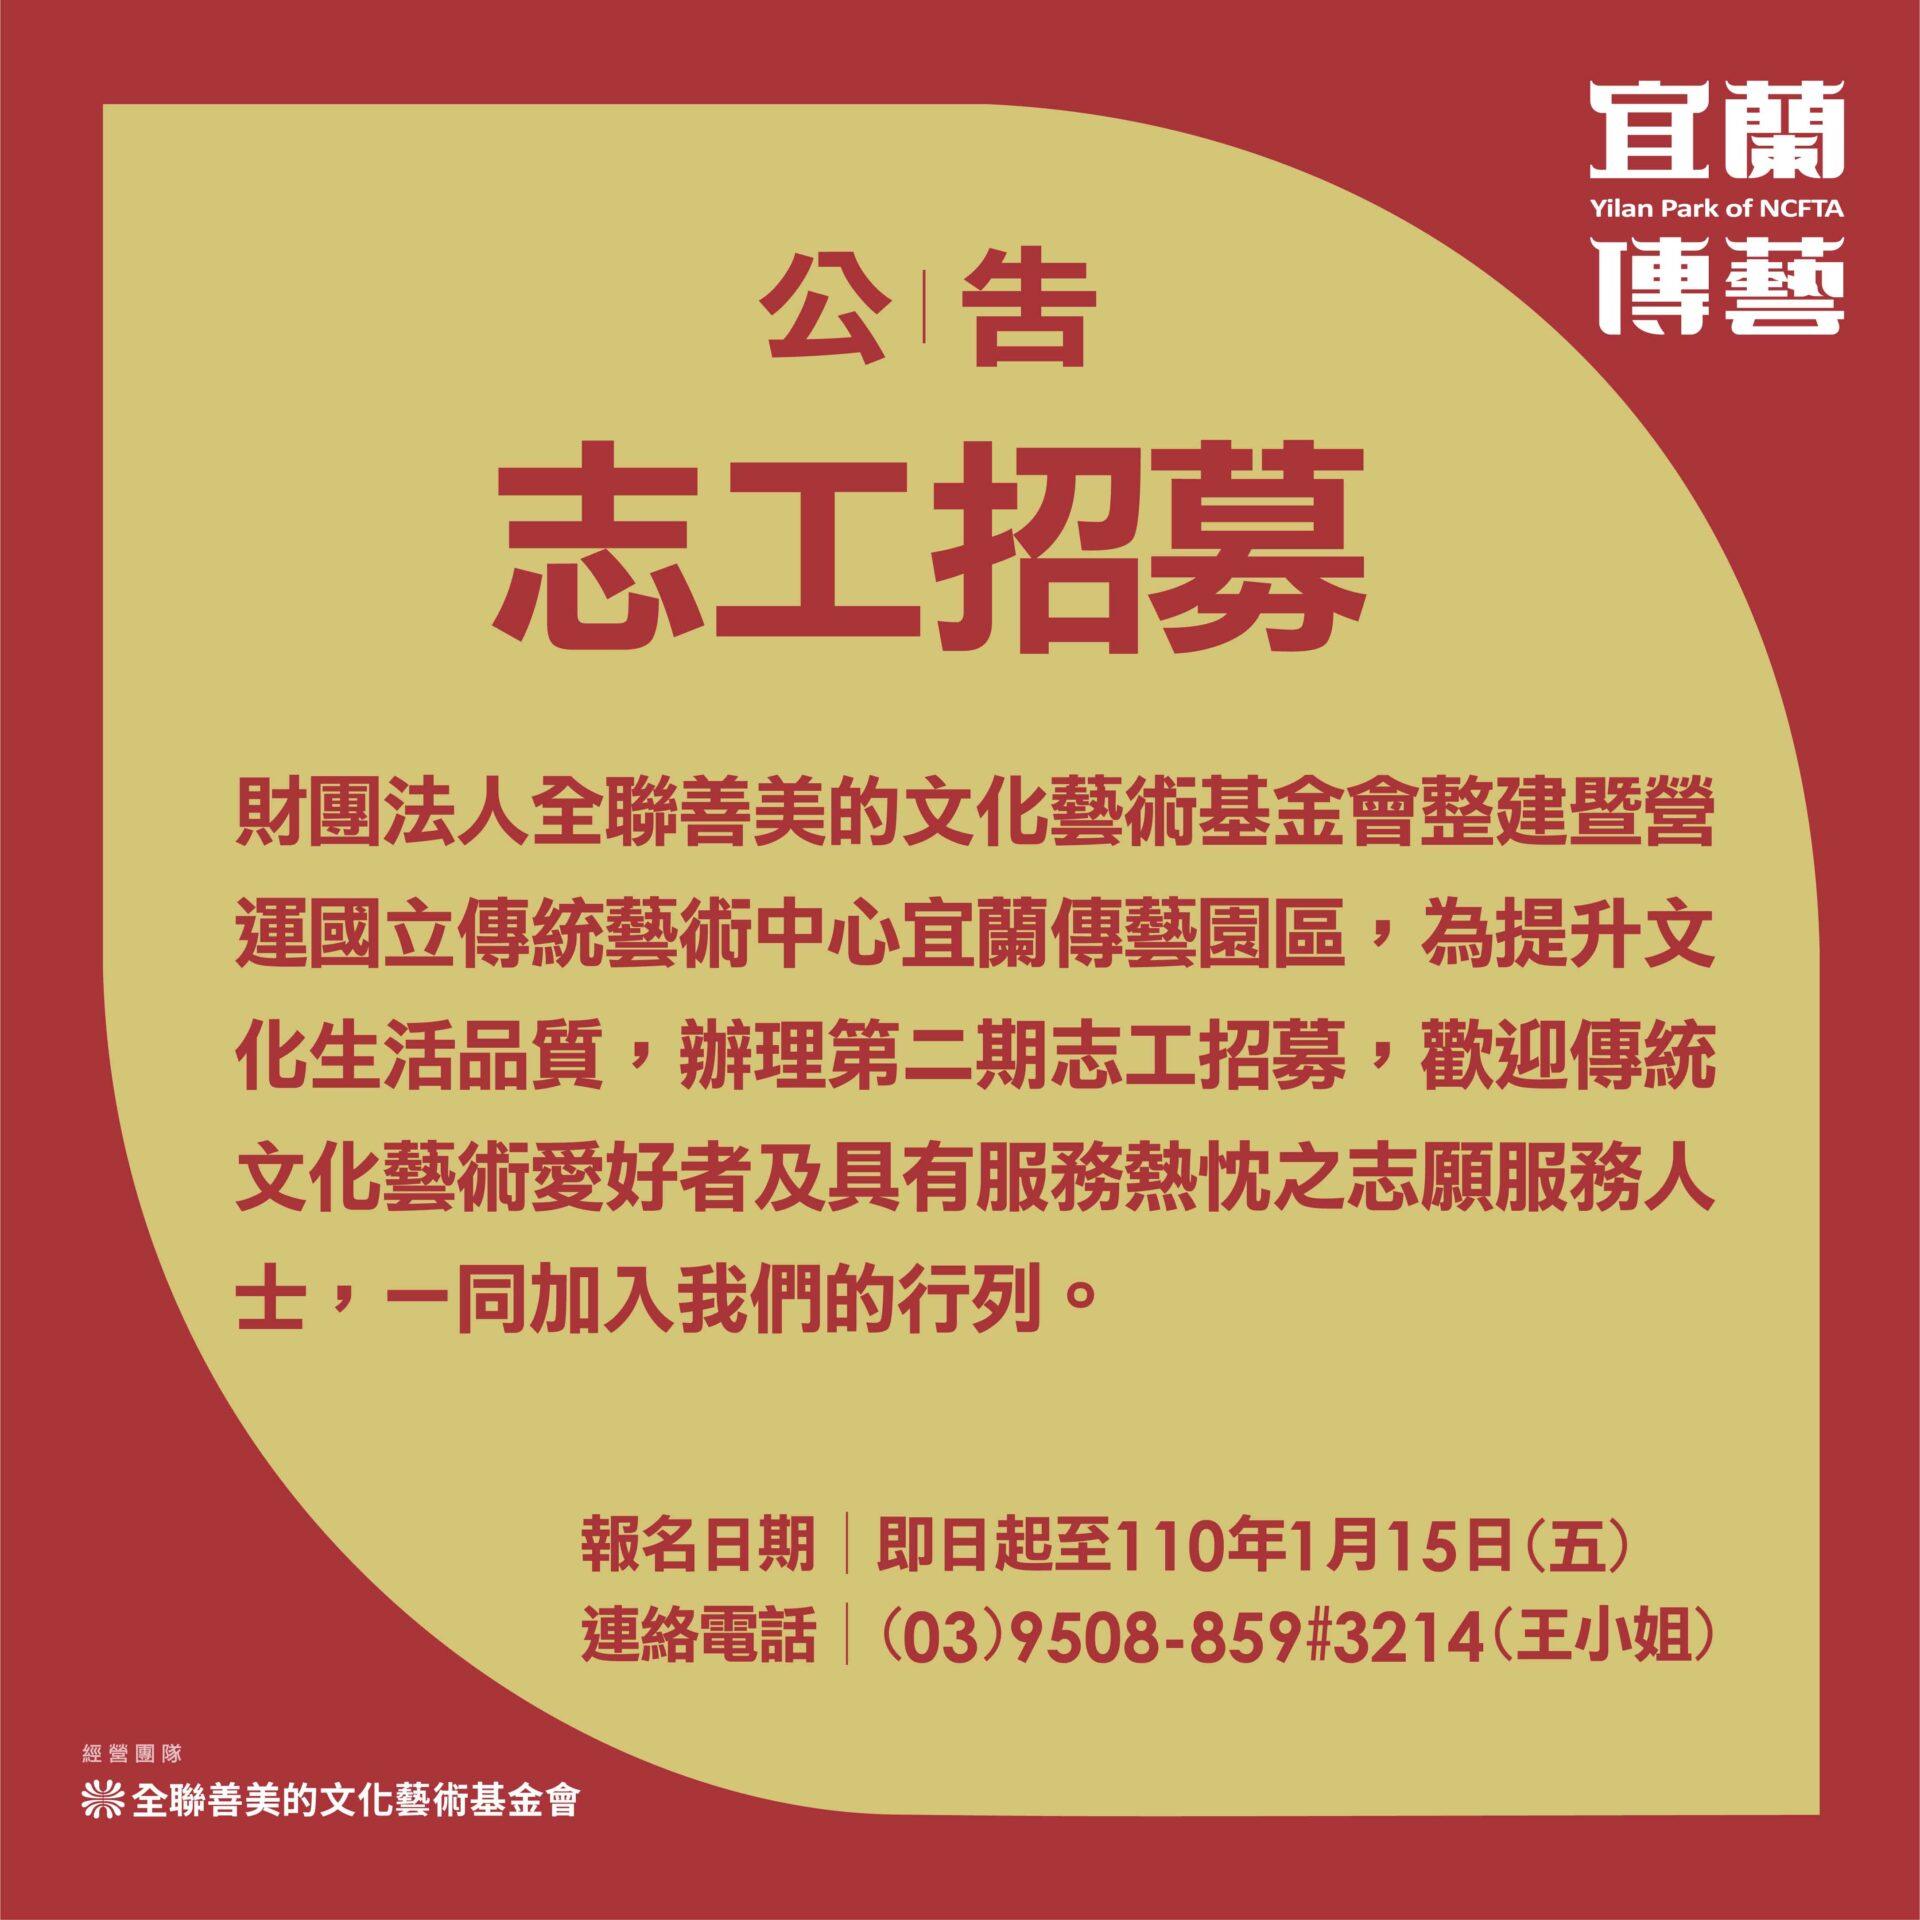 全聯善美的文化藝術基金會:即日起~2021/01/15【第二期志工招募】